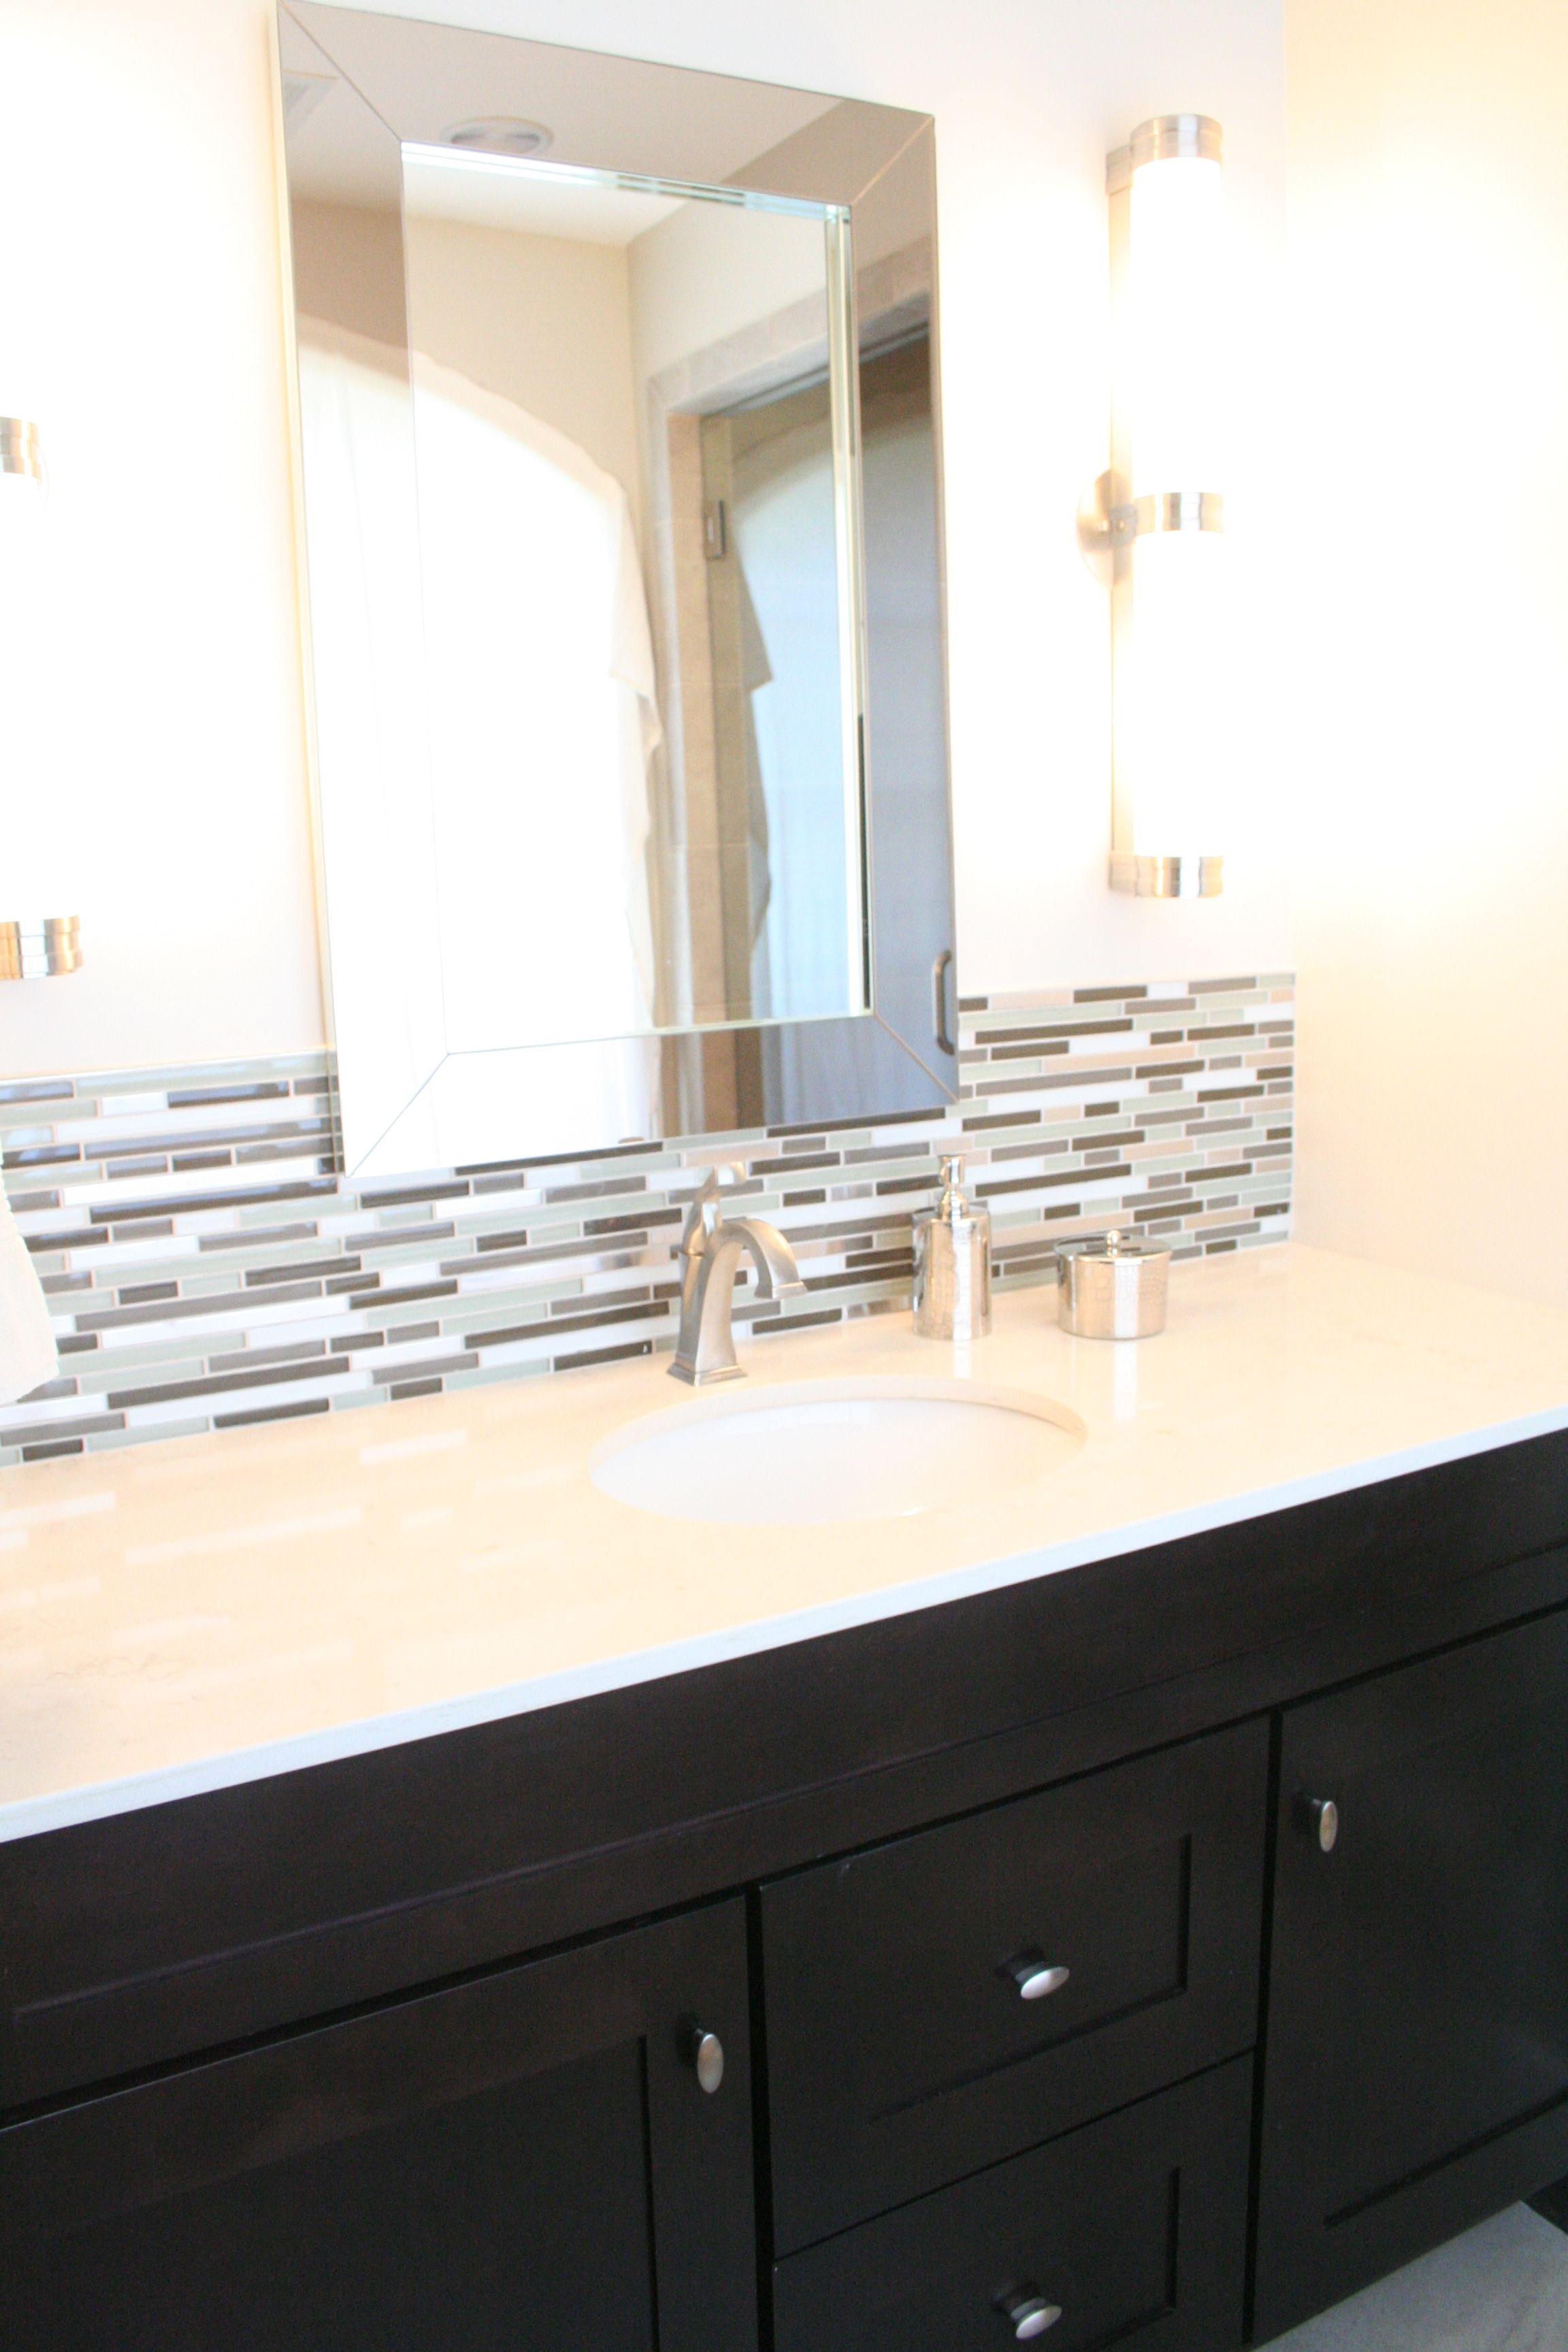 Mirror overlapping backsplash | Bathroom ideas | Bathroom ideas ...